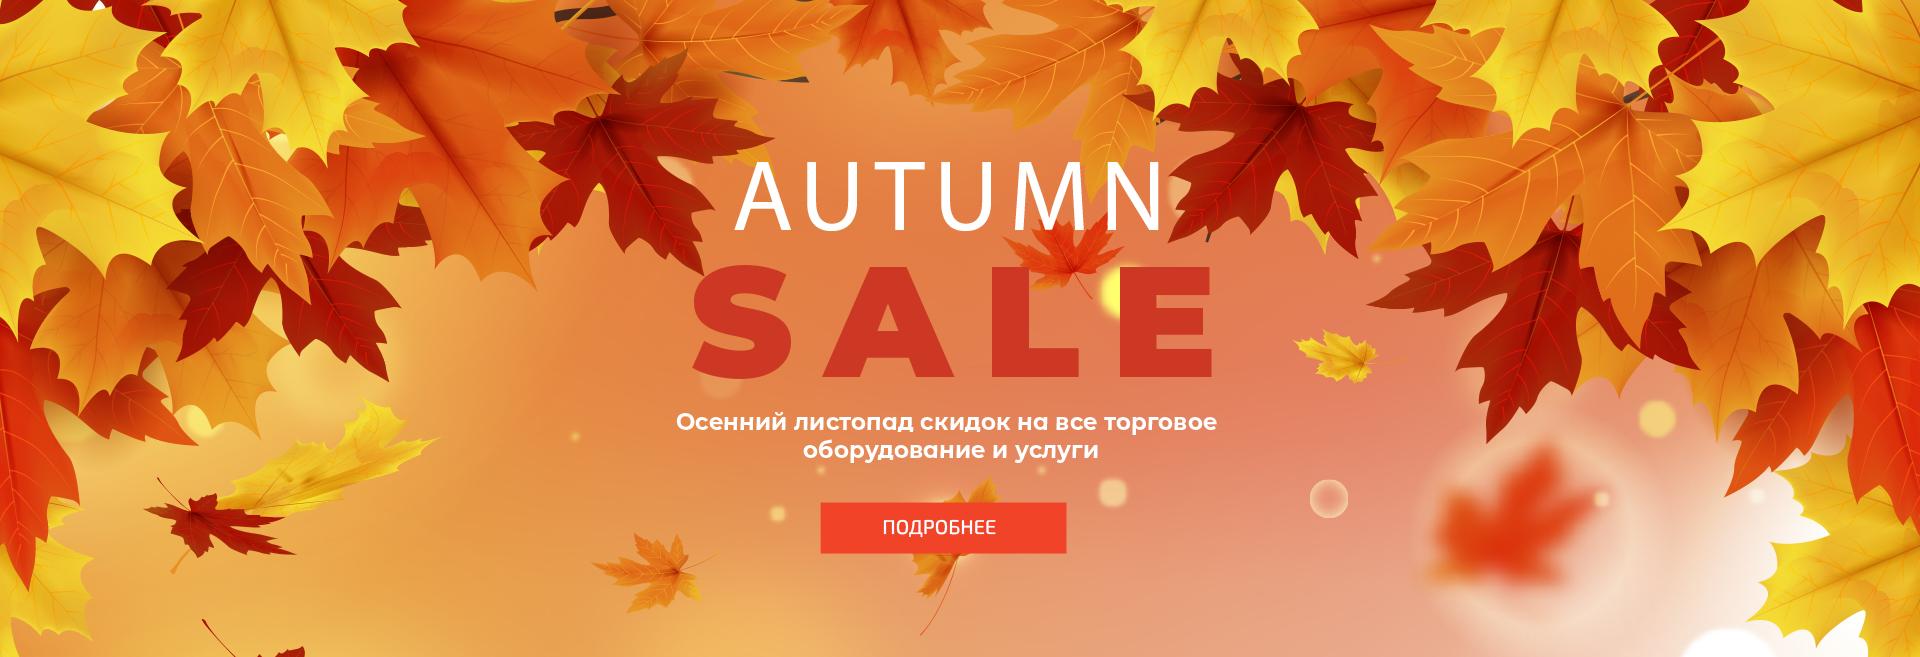 autumn sale amaprod